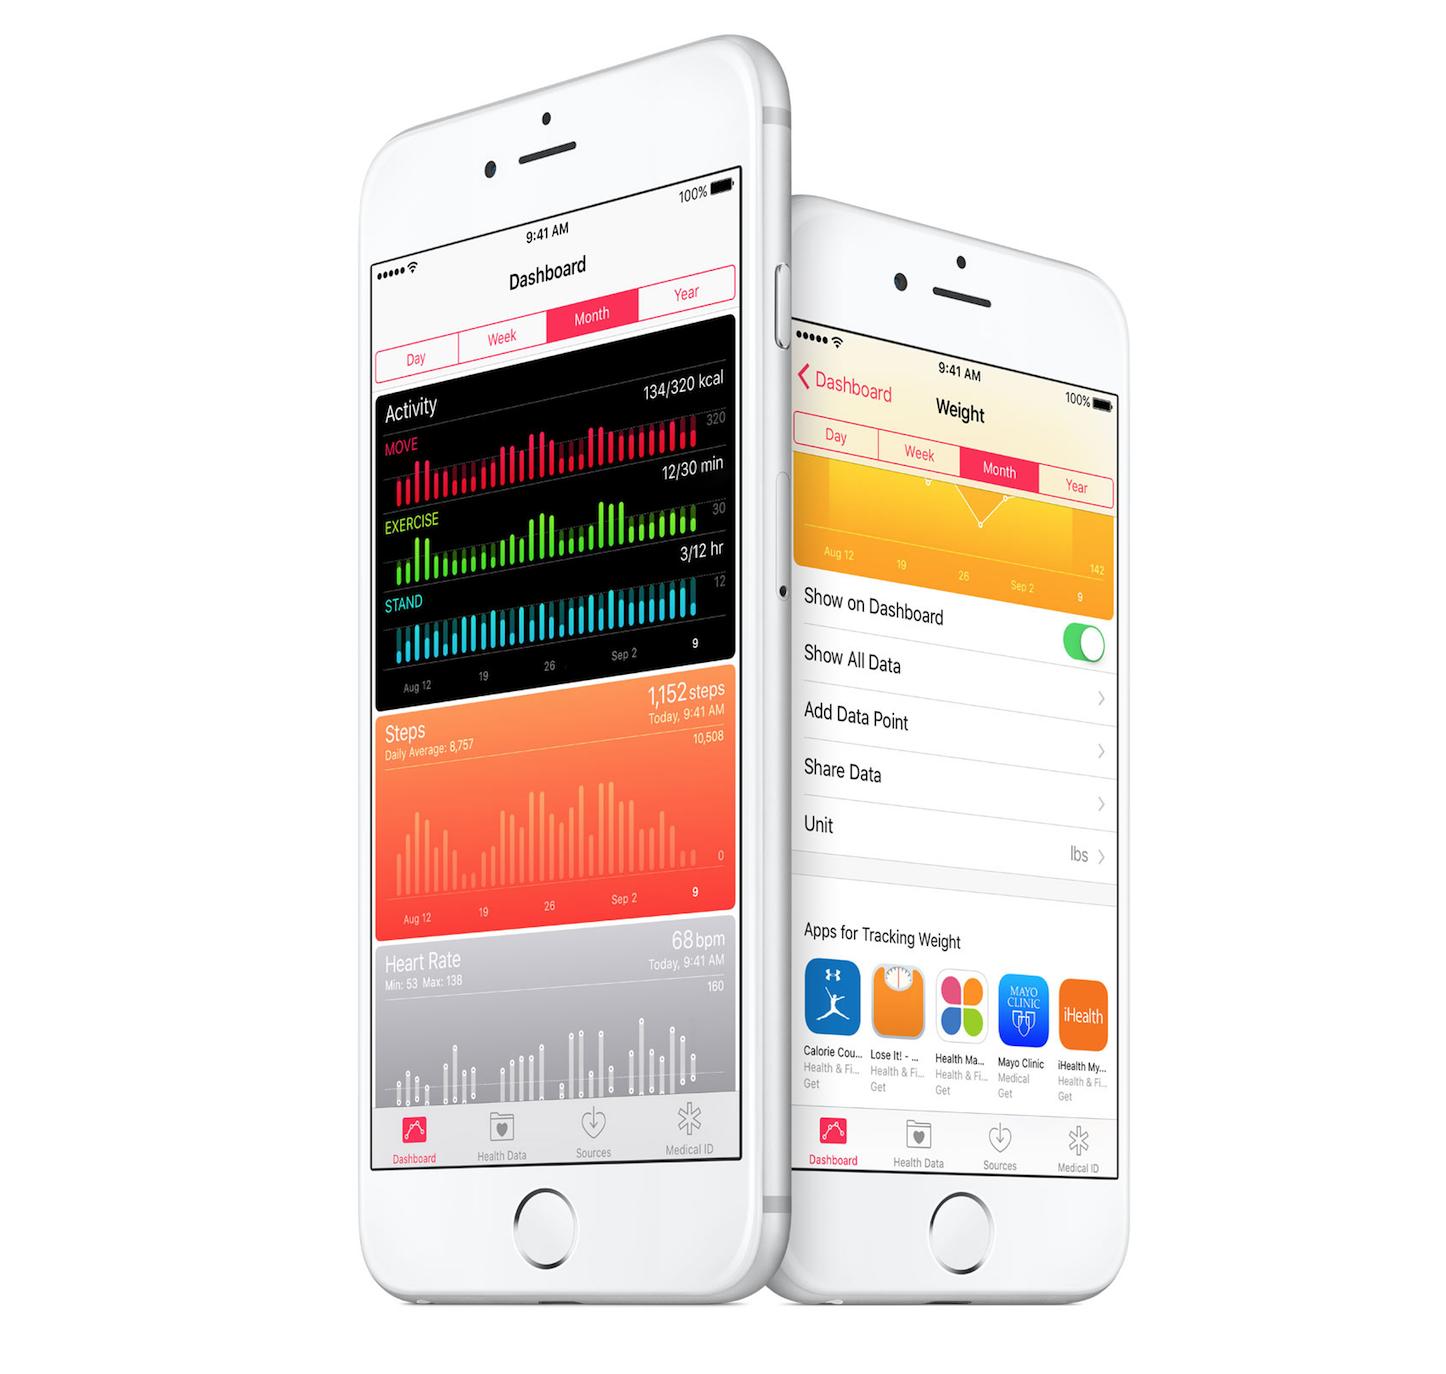 Health App iOS 9.3